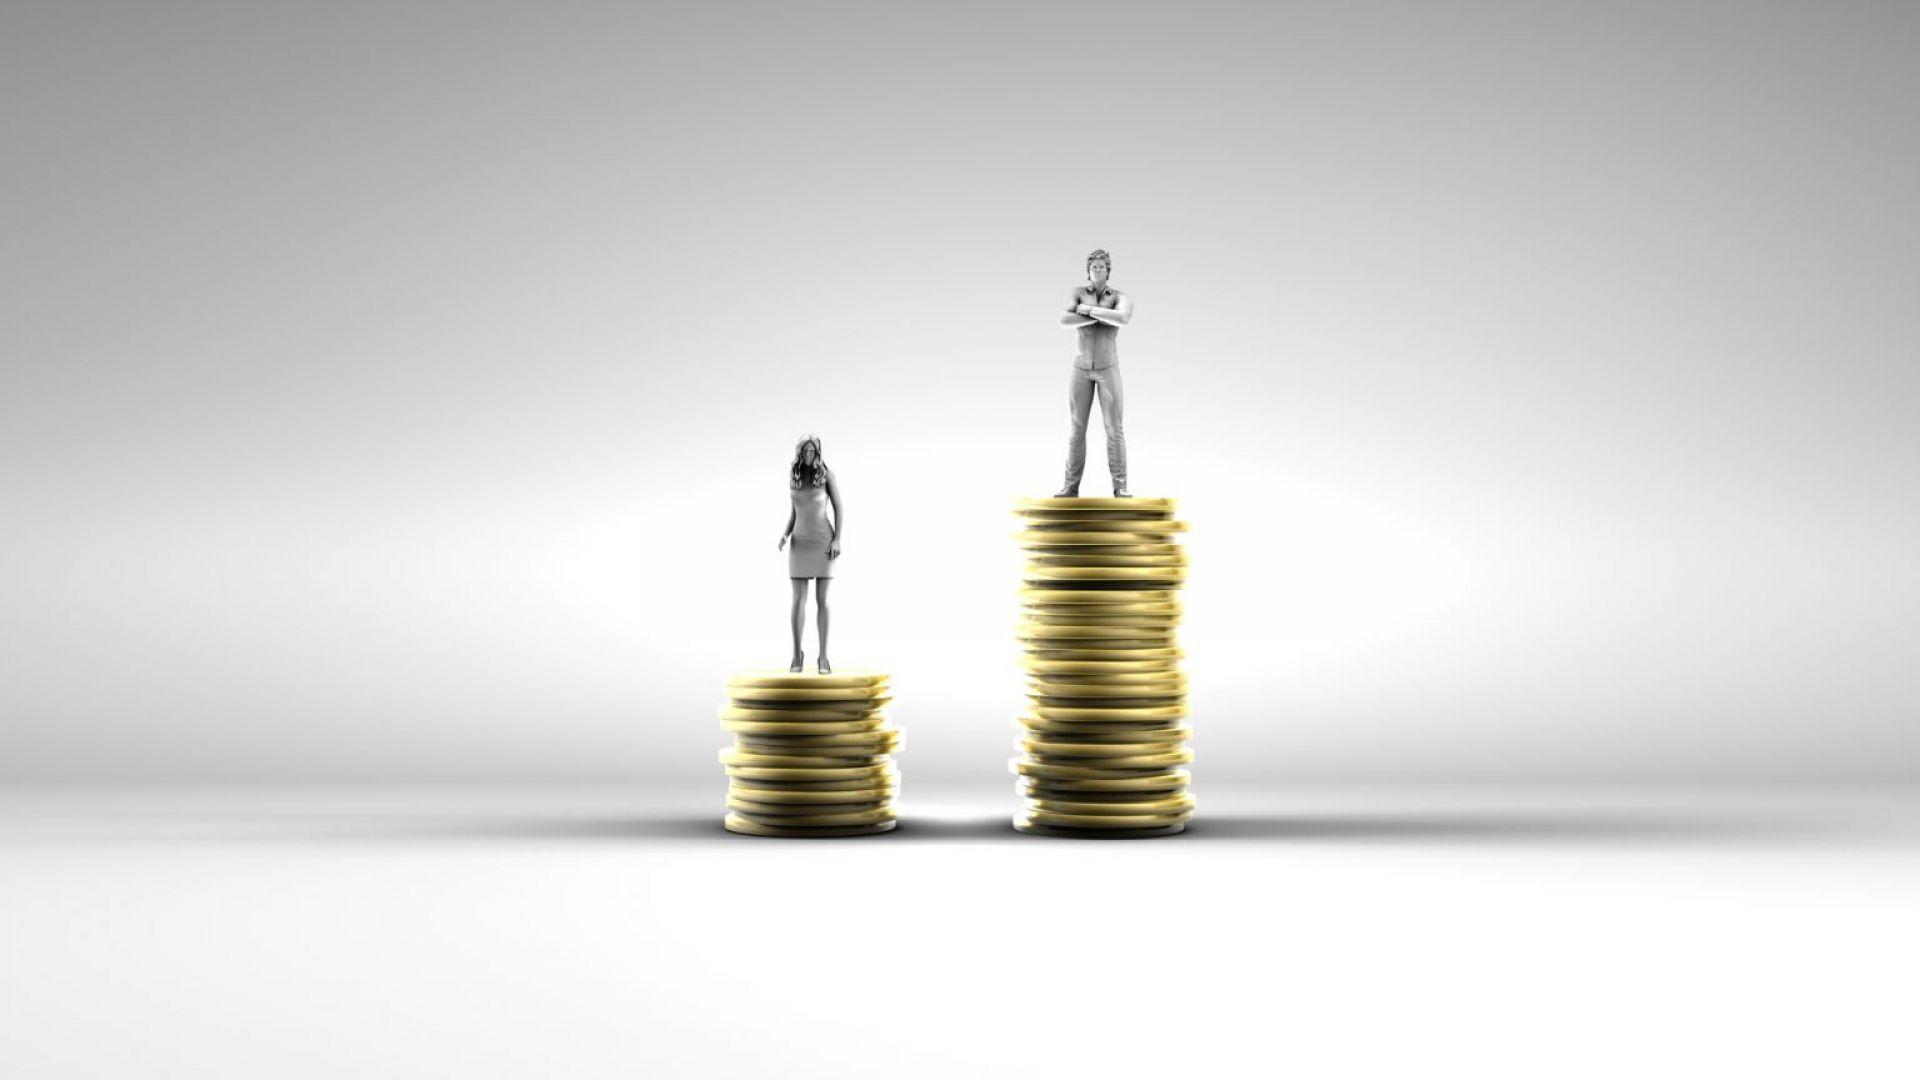 Каква е разликата в заплащането на мъжете и жените?